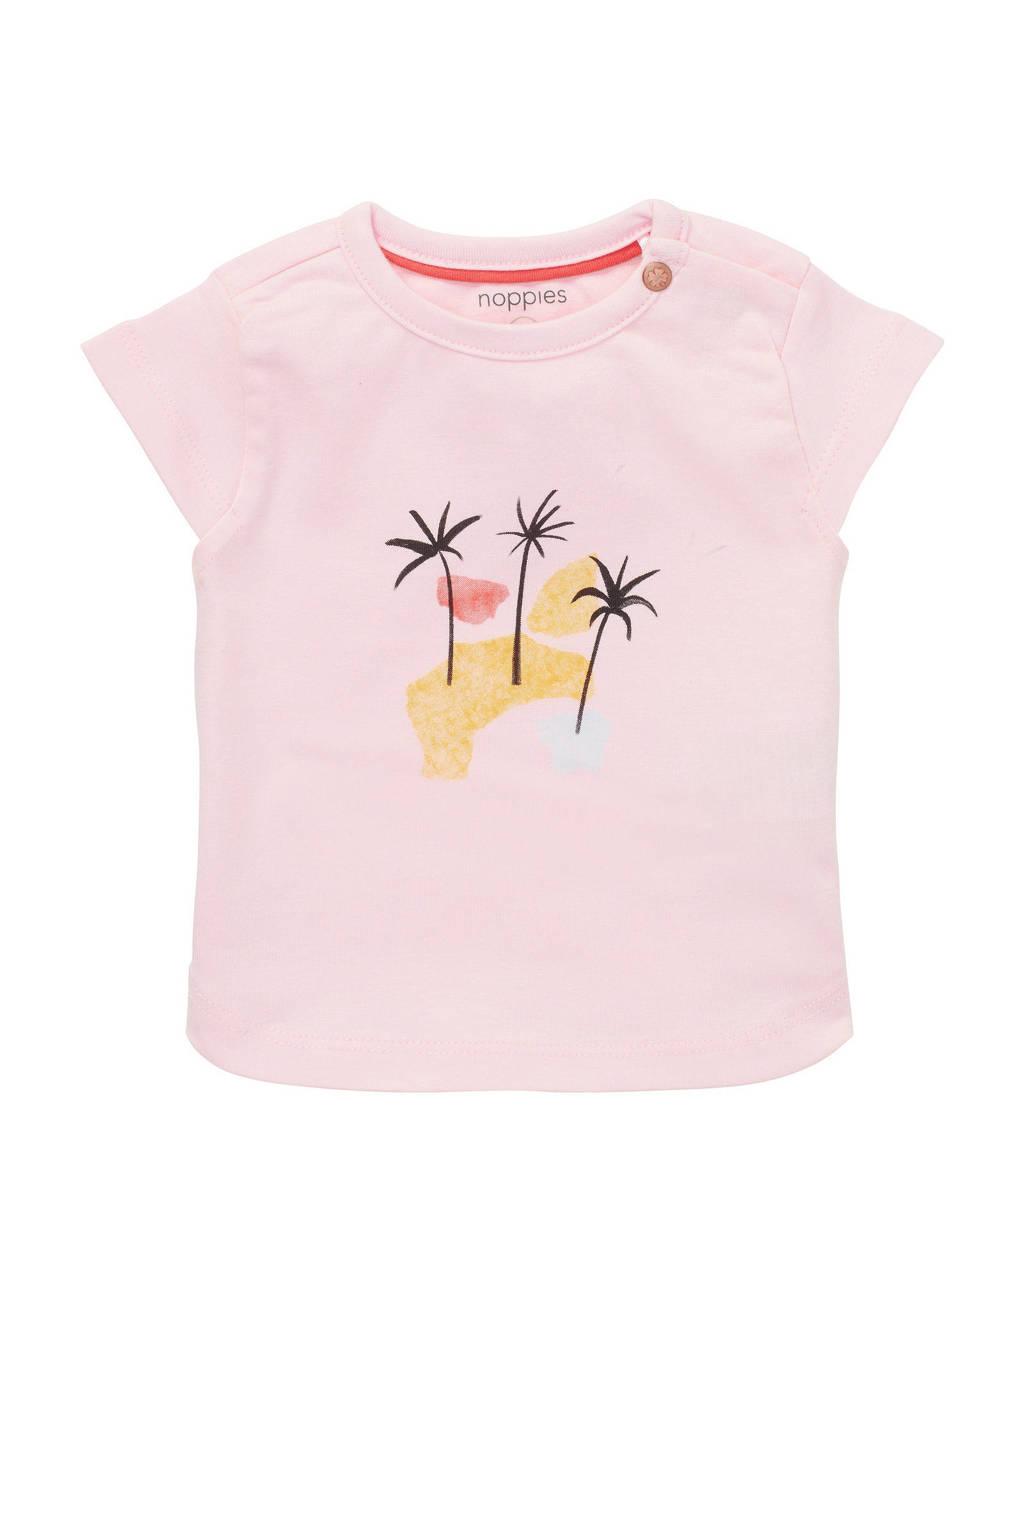 Noppies baby T-shirt Medulla met printopdruk lichtroze/geel, Lichtroze/geel